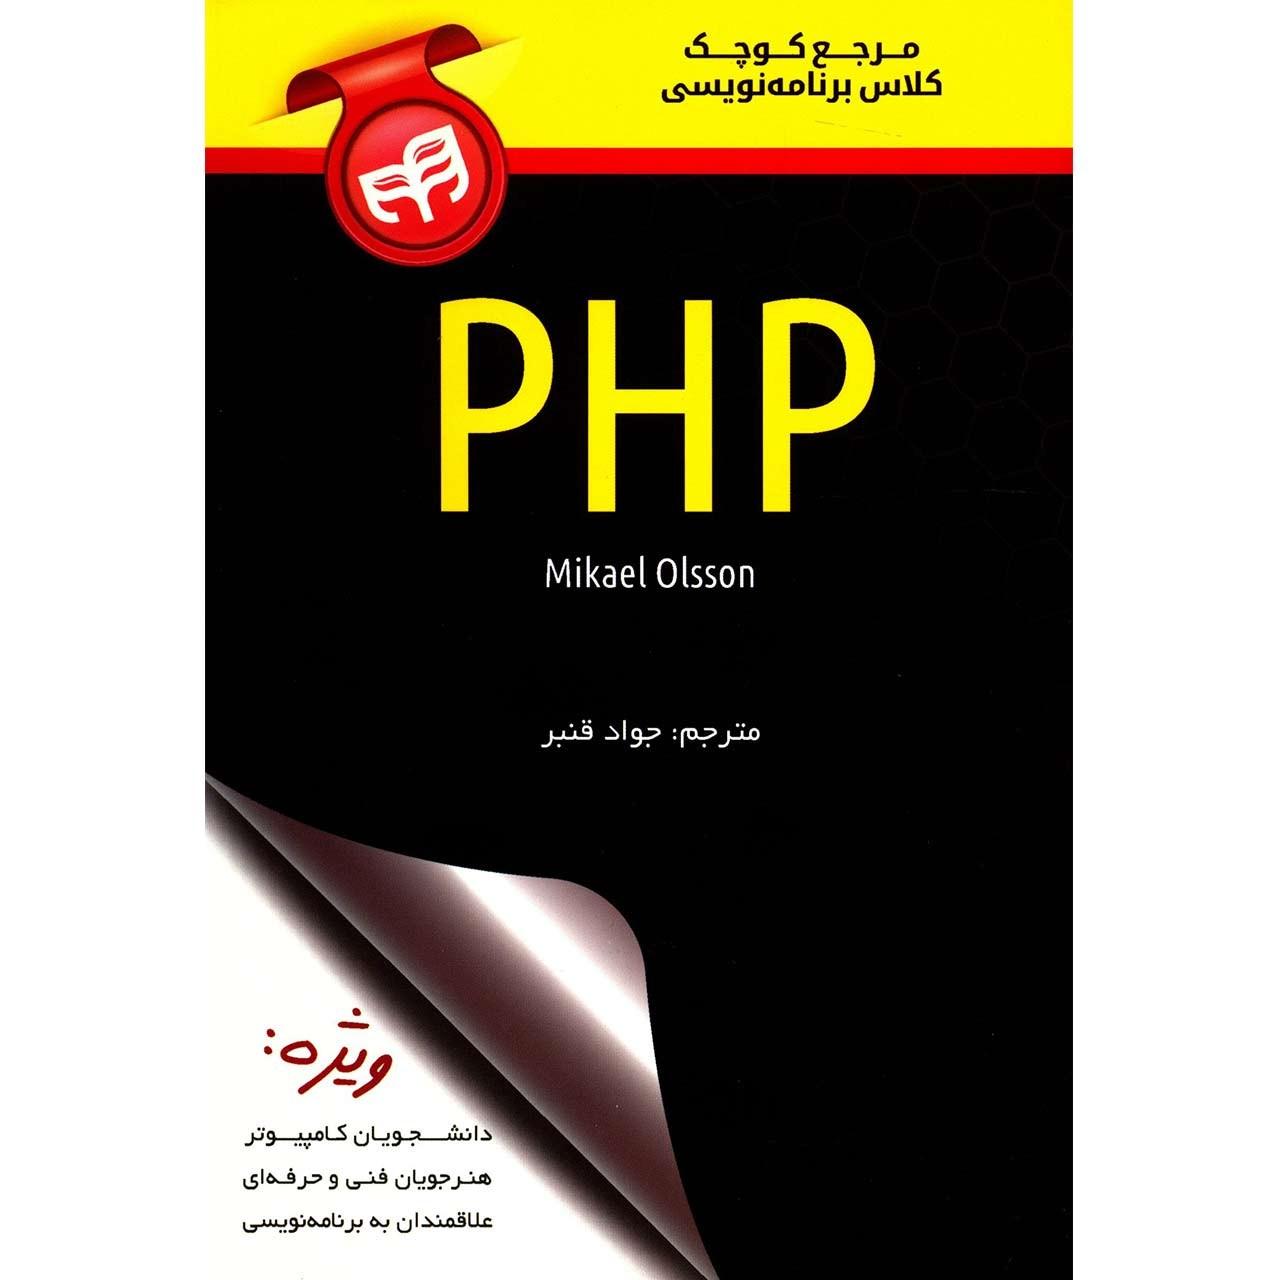 کتاب مرجع کوچک کلاس برنامه نویسی PHP اثر مایکل اولسون